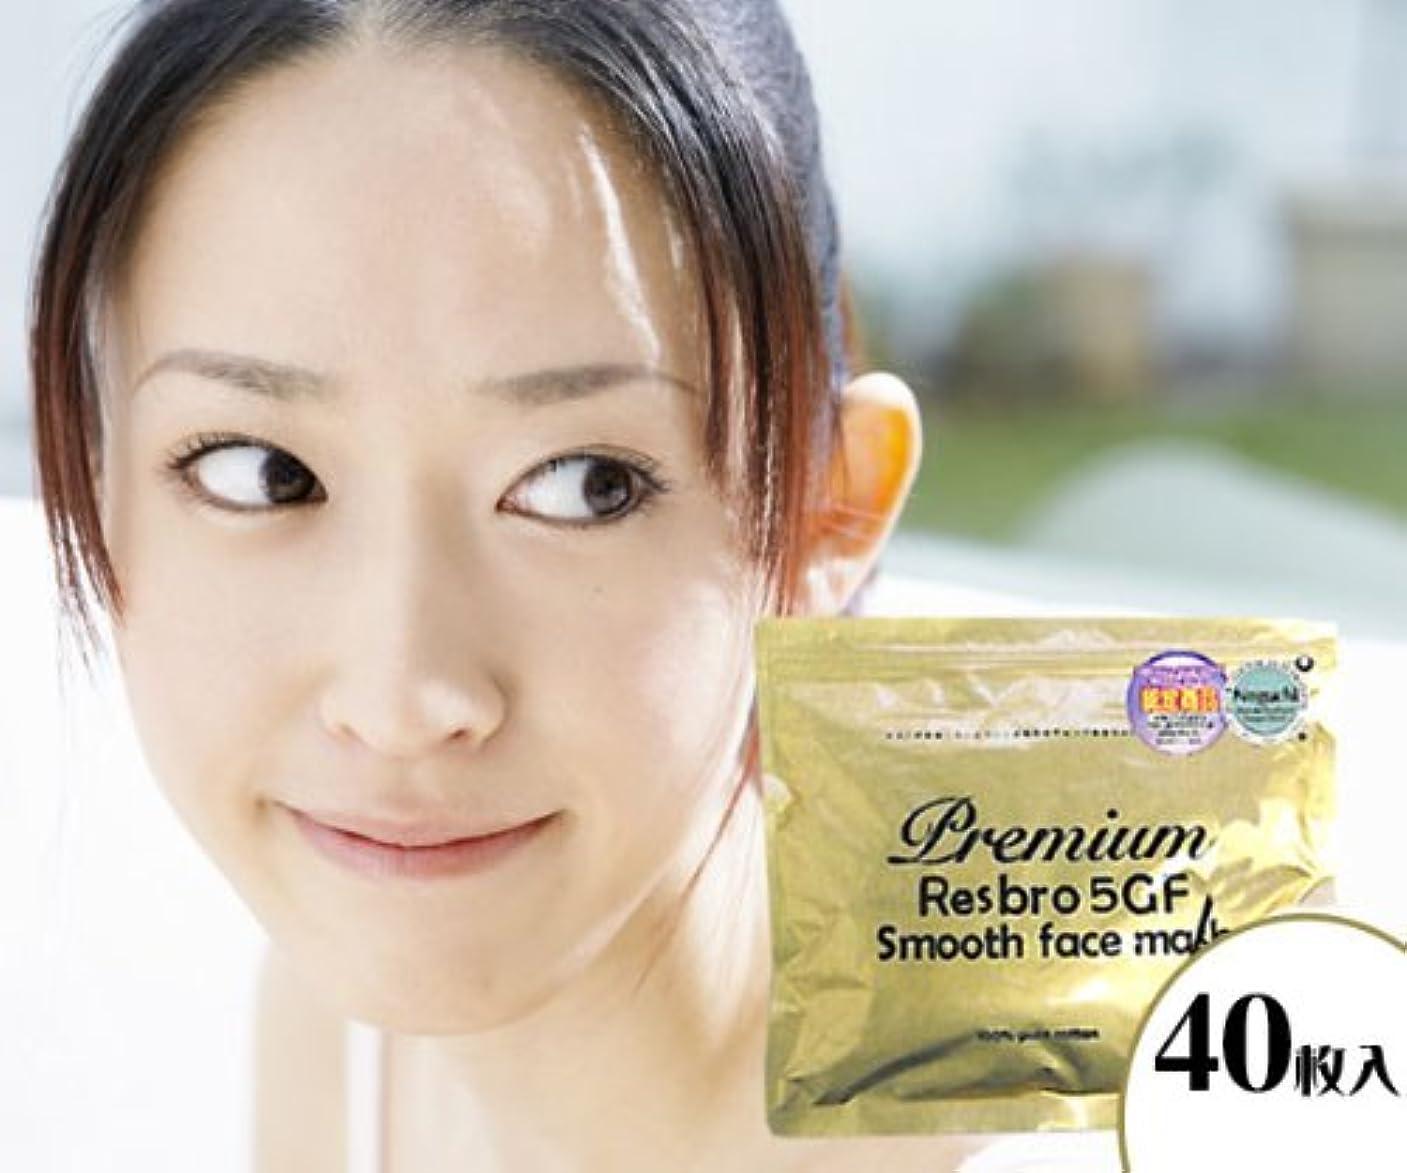 実験羊のラベルレスブロ5GFスムースフェイスマスク 40枚入り (こちらの商品の内訳は『40点』のみ)